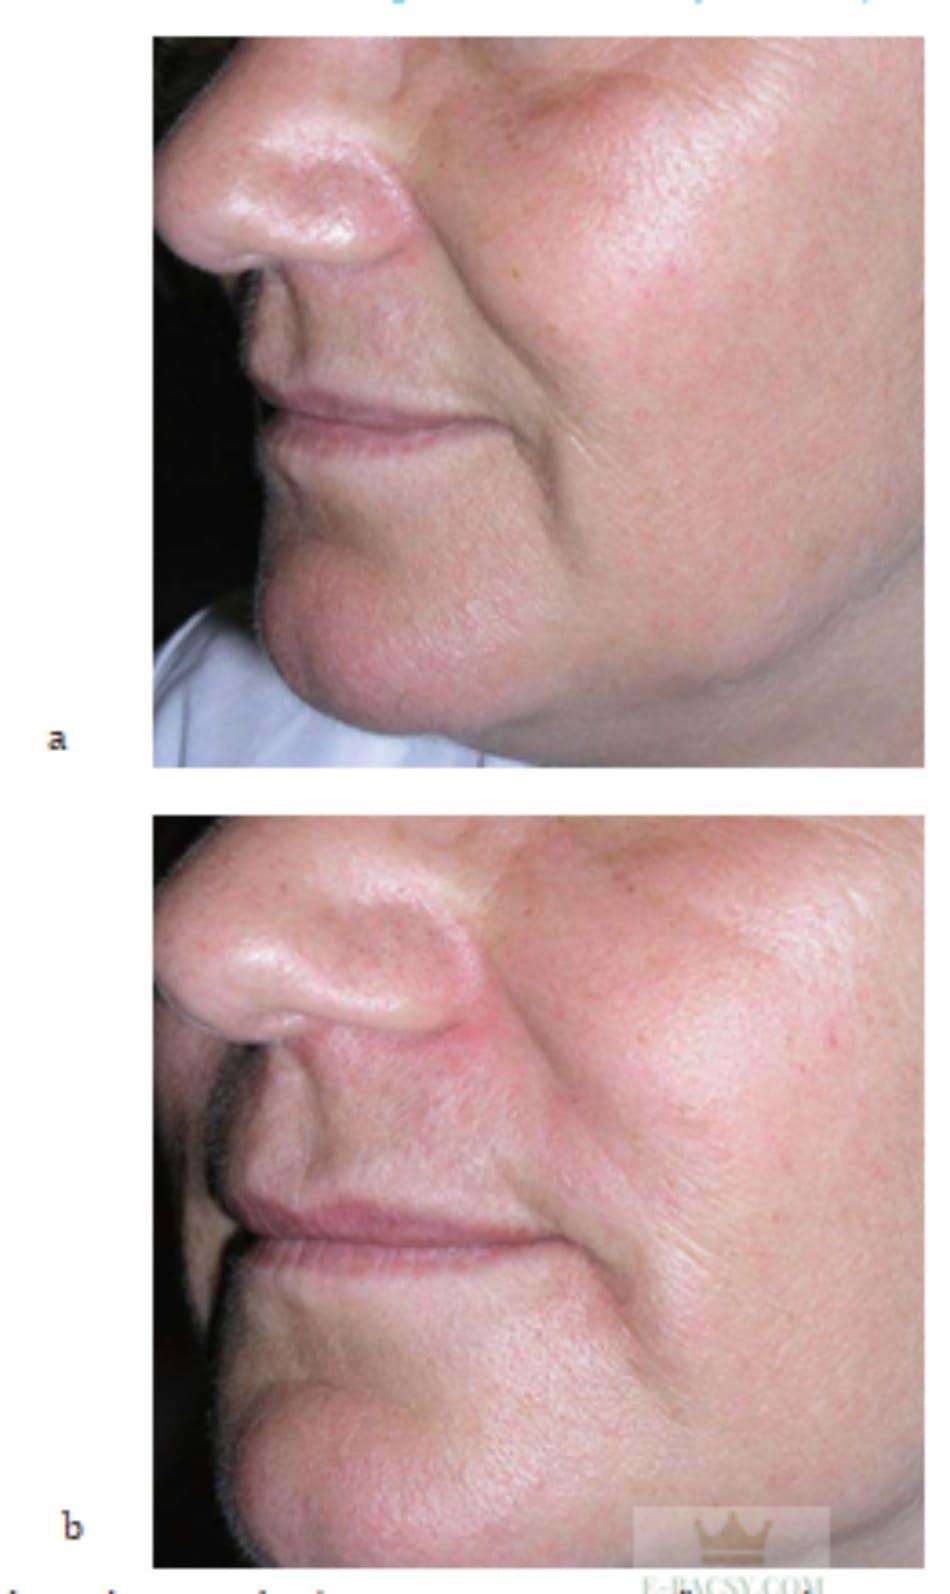 Hình 7.29 Bệnh nhân (a) trước và (b) sau mesotherapy kết hợp tiêm filler